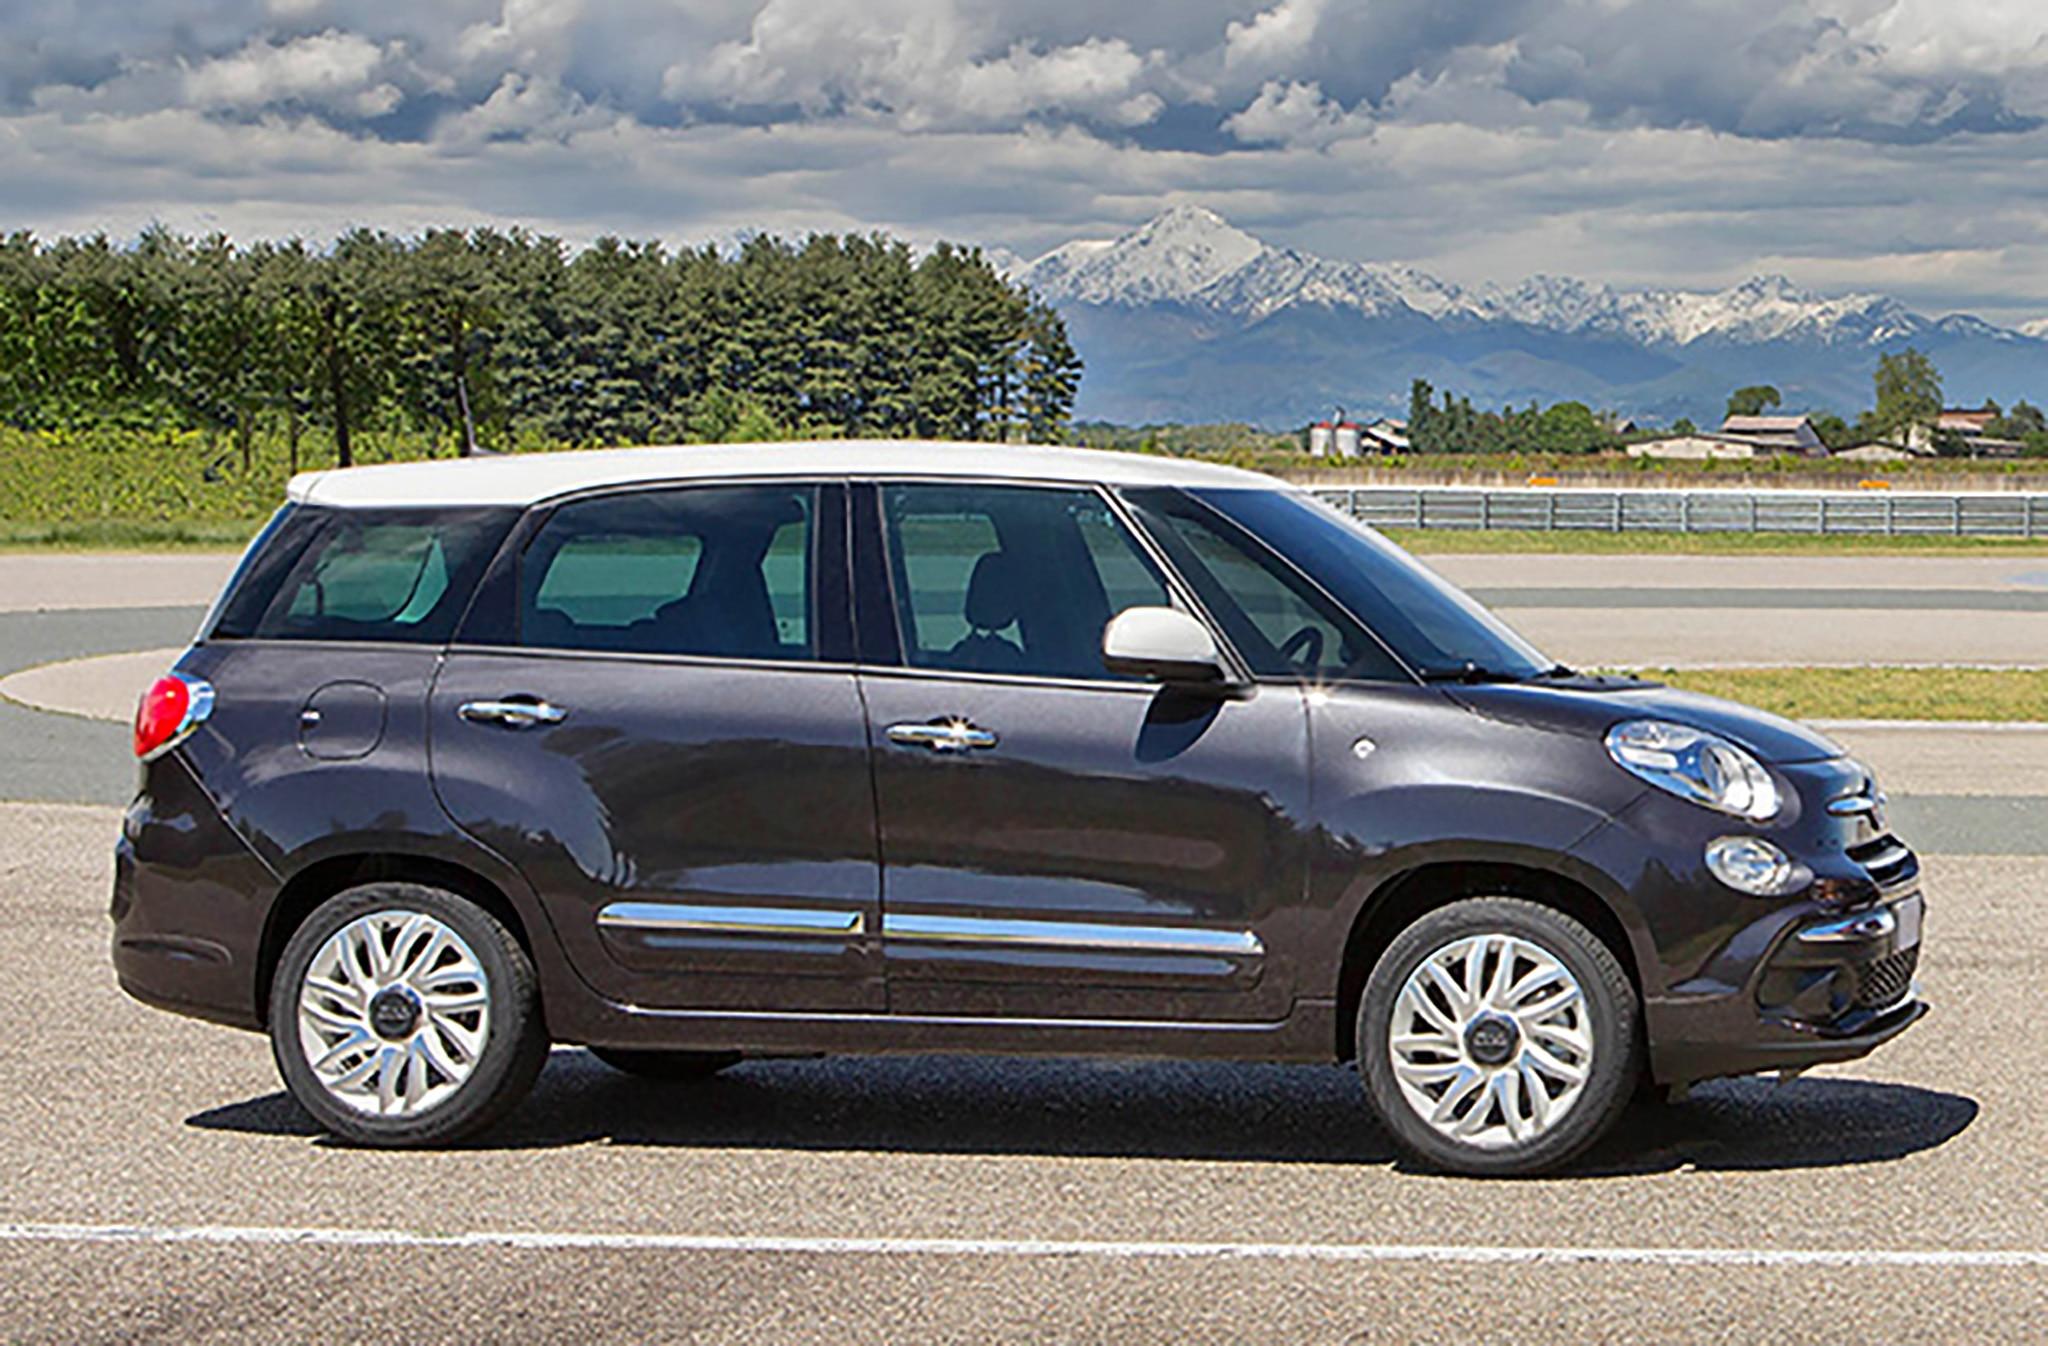 Fiat 500l Gets Major Facelift For 2018